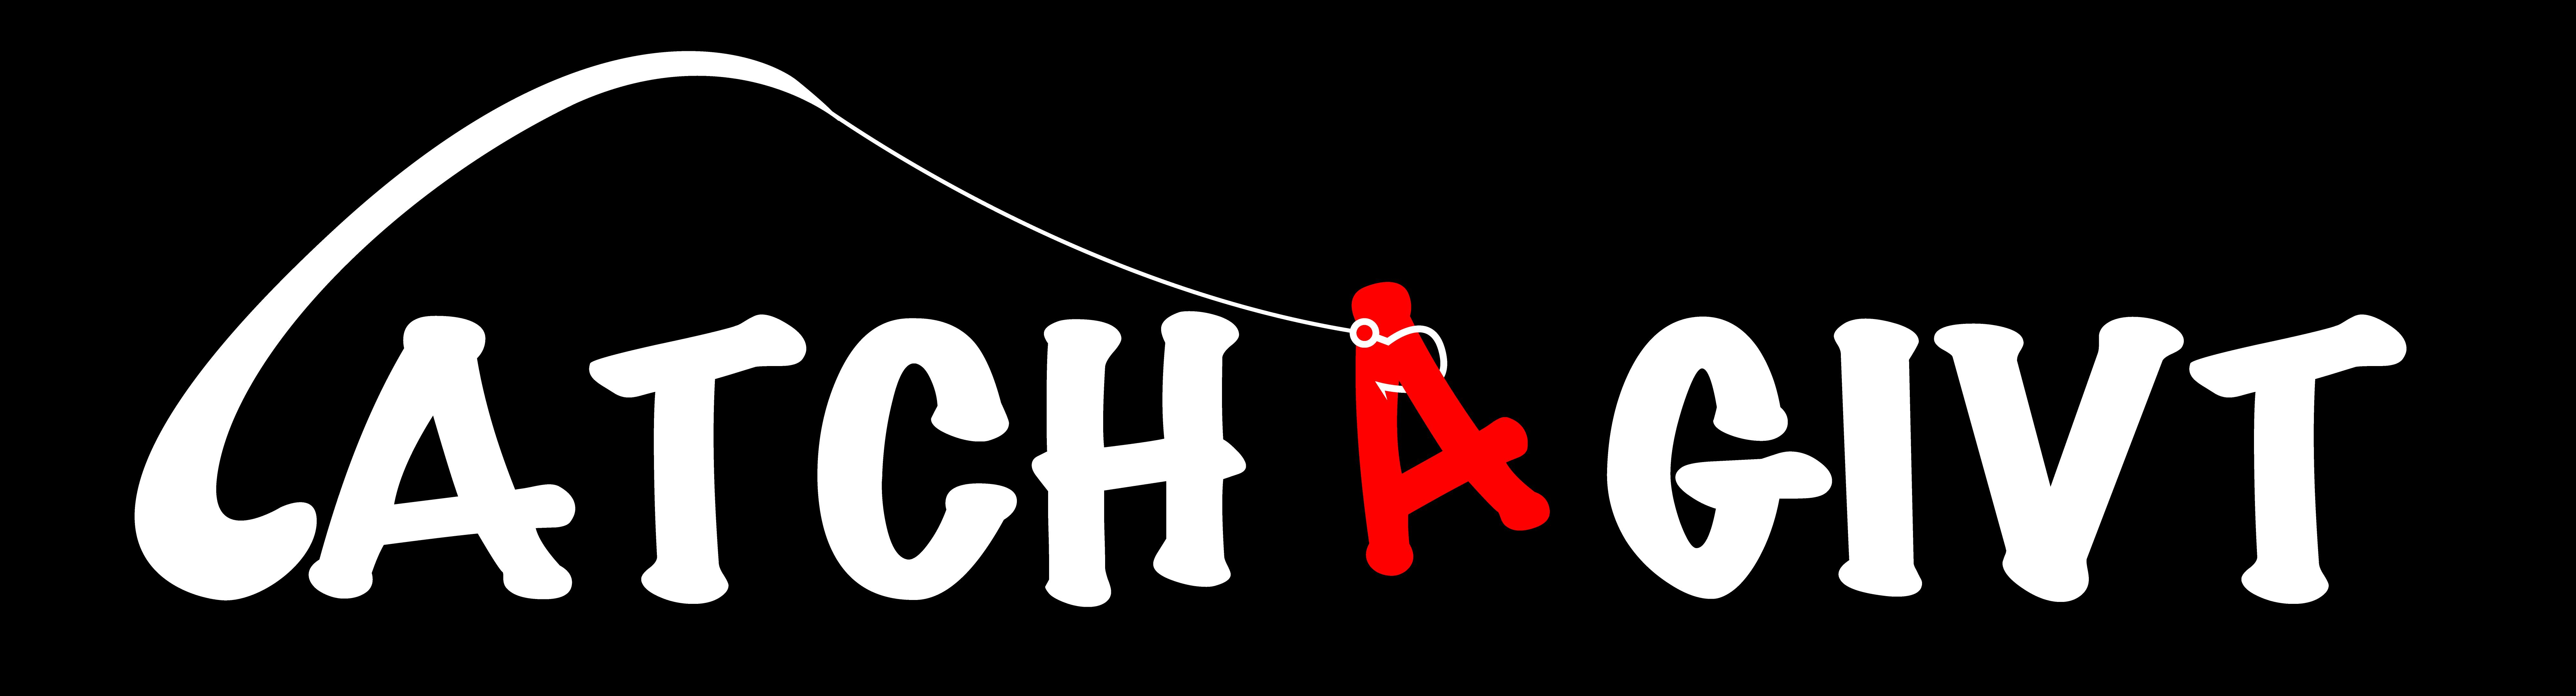 Catchagivt_final